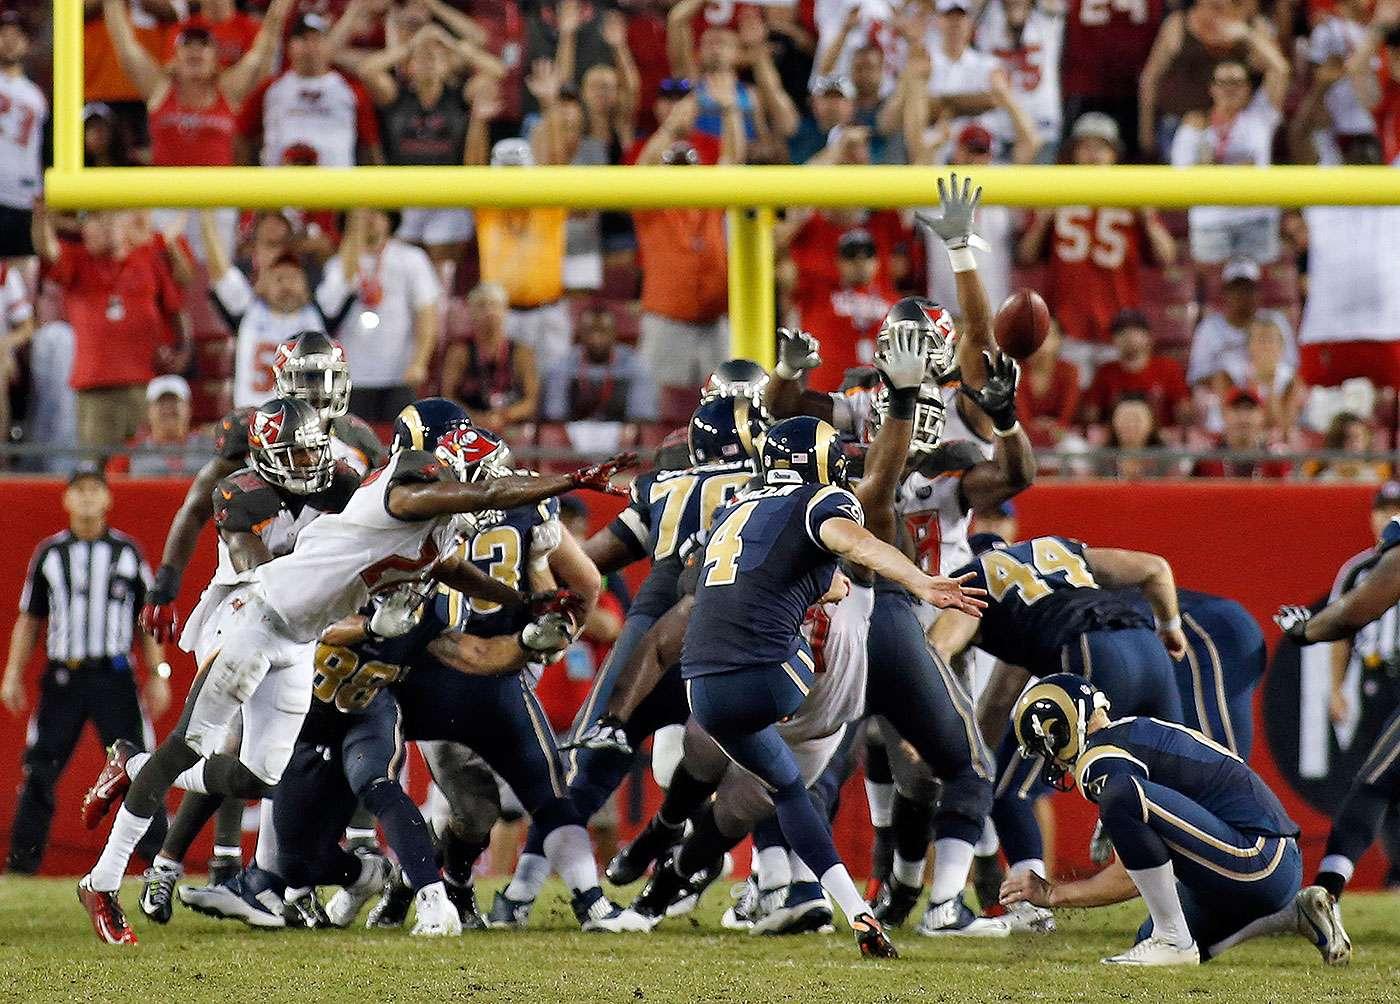 Greg Zuerlein, de los Rams de San Luis, convierte un gol de campo frente a los Buccaneers de Tampa Bay, en el último cuarto del partido del domingo 14 de septiembre de 2014 Foto: Brian Blanco/AP